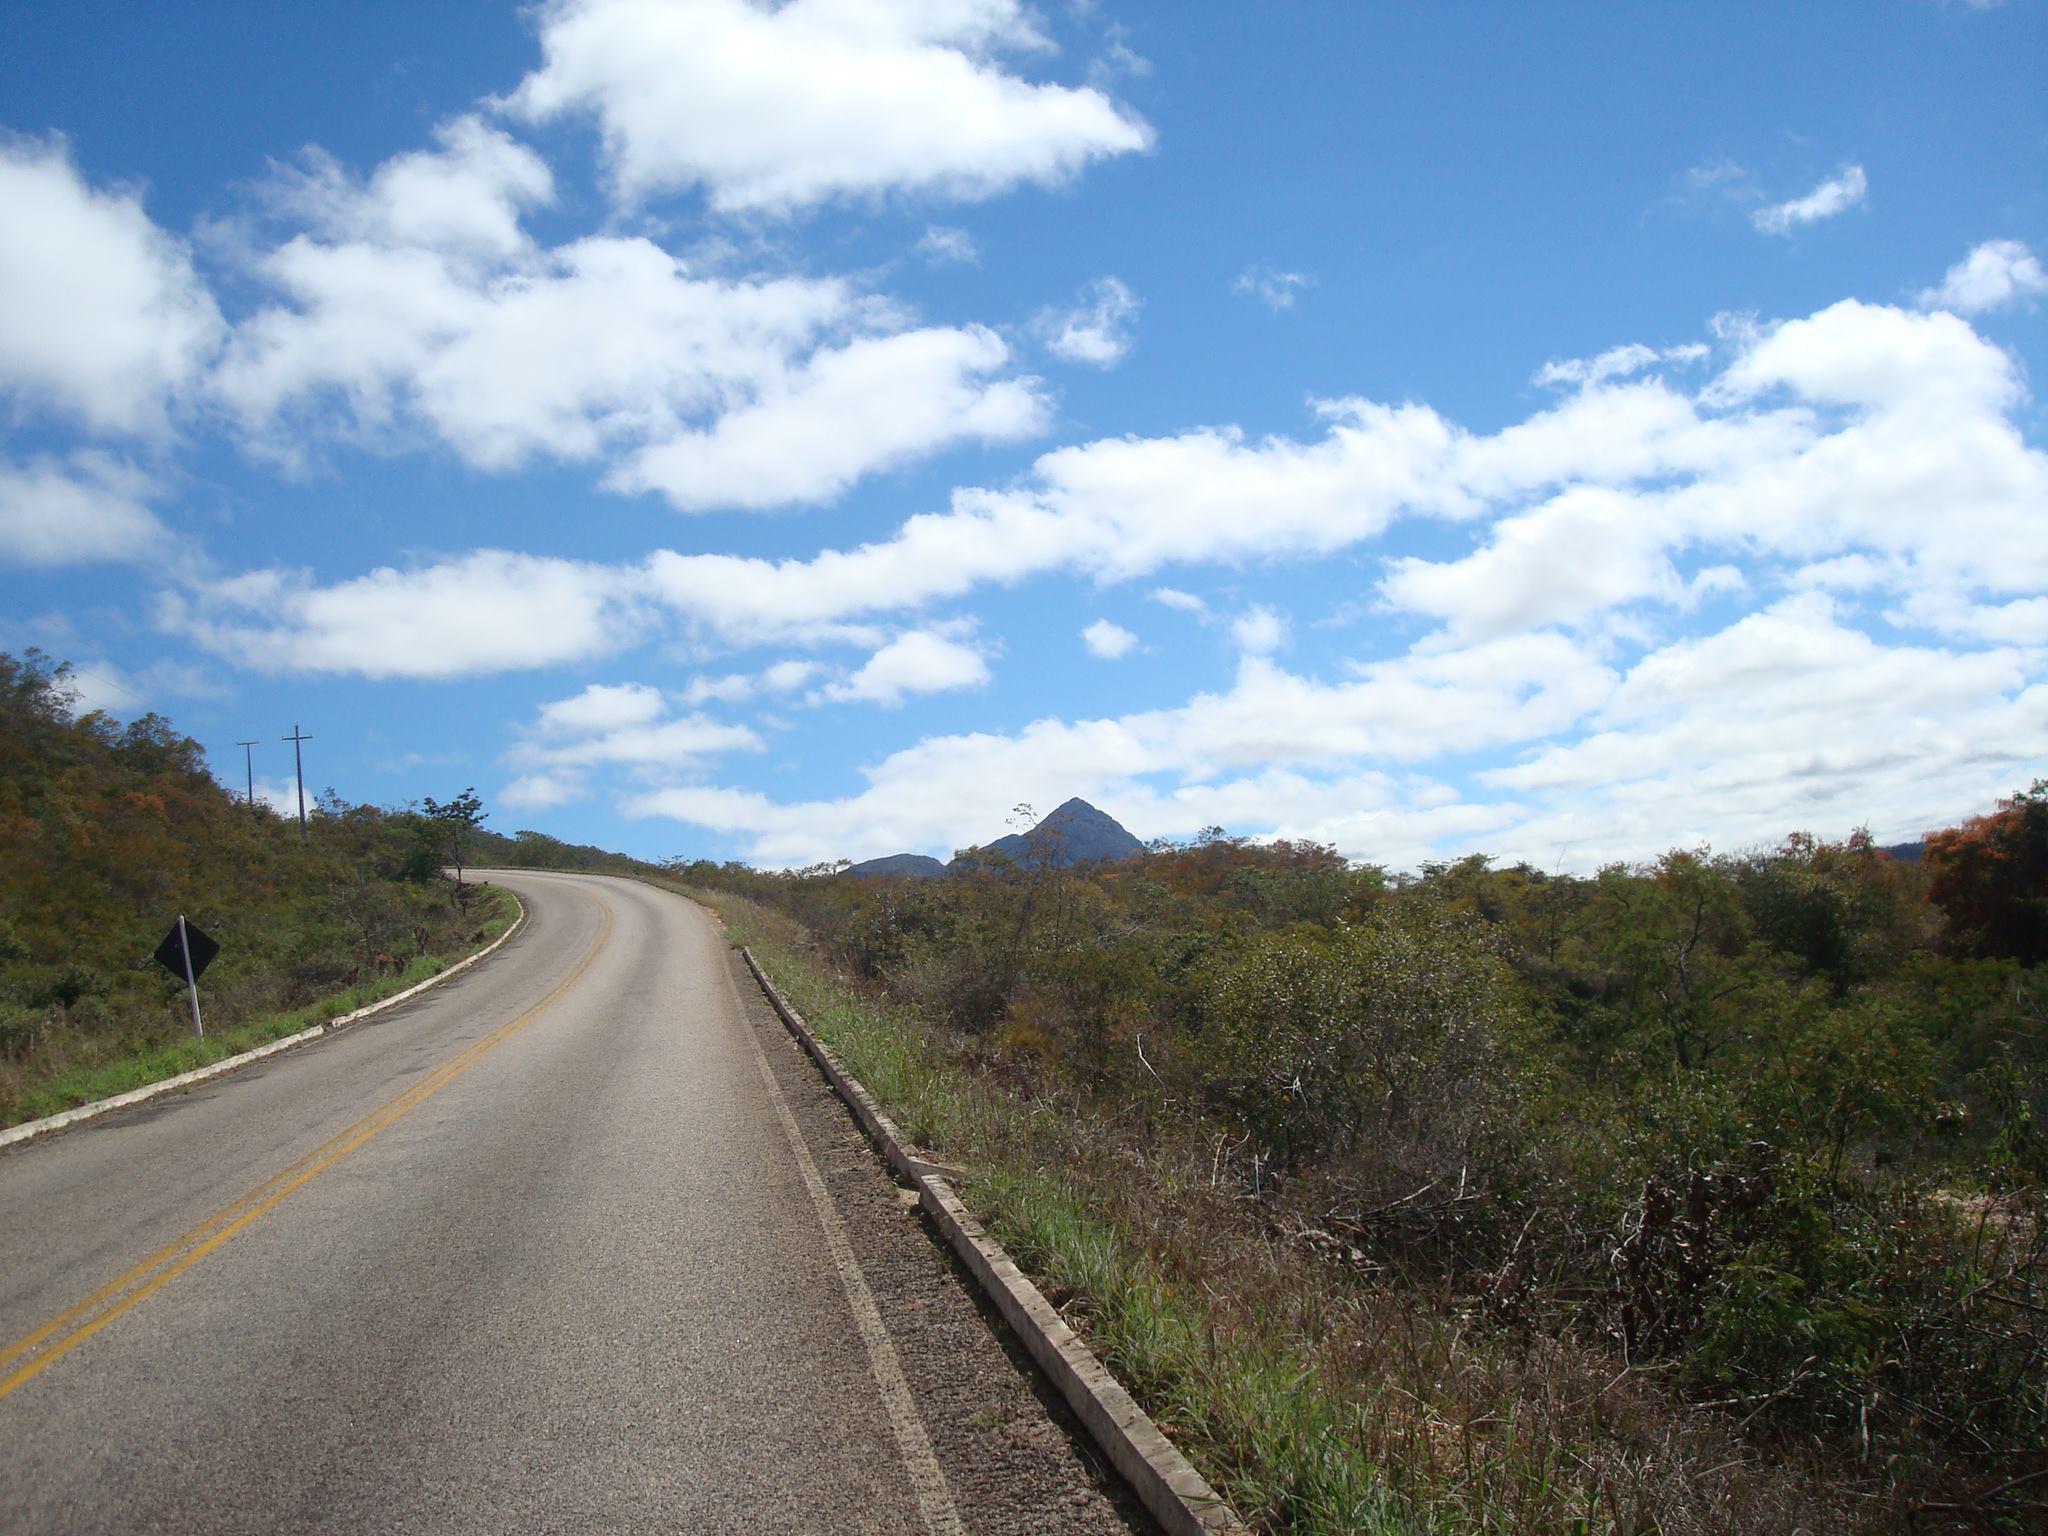 Fotos-uit-de-regio-van-Ibitiara-en-Seabra-aan-de-grote-BR-242-19